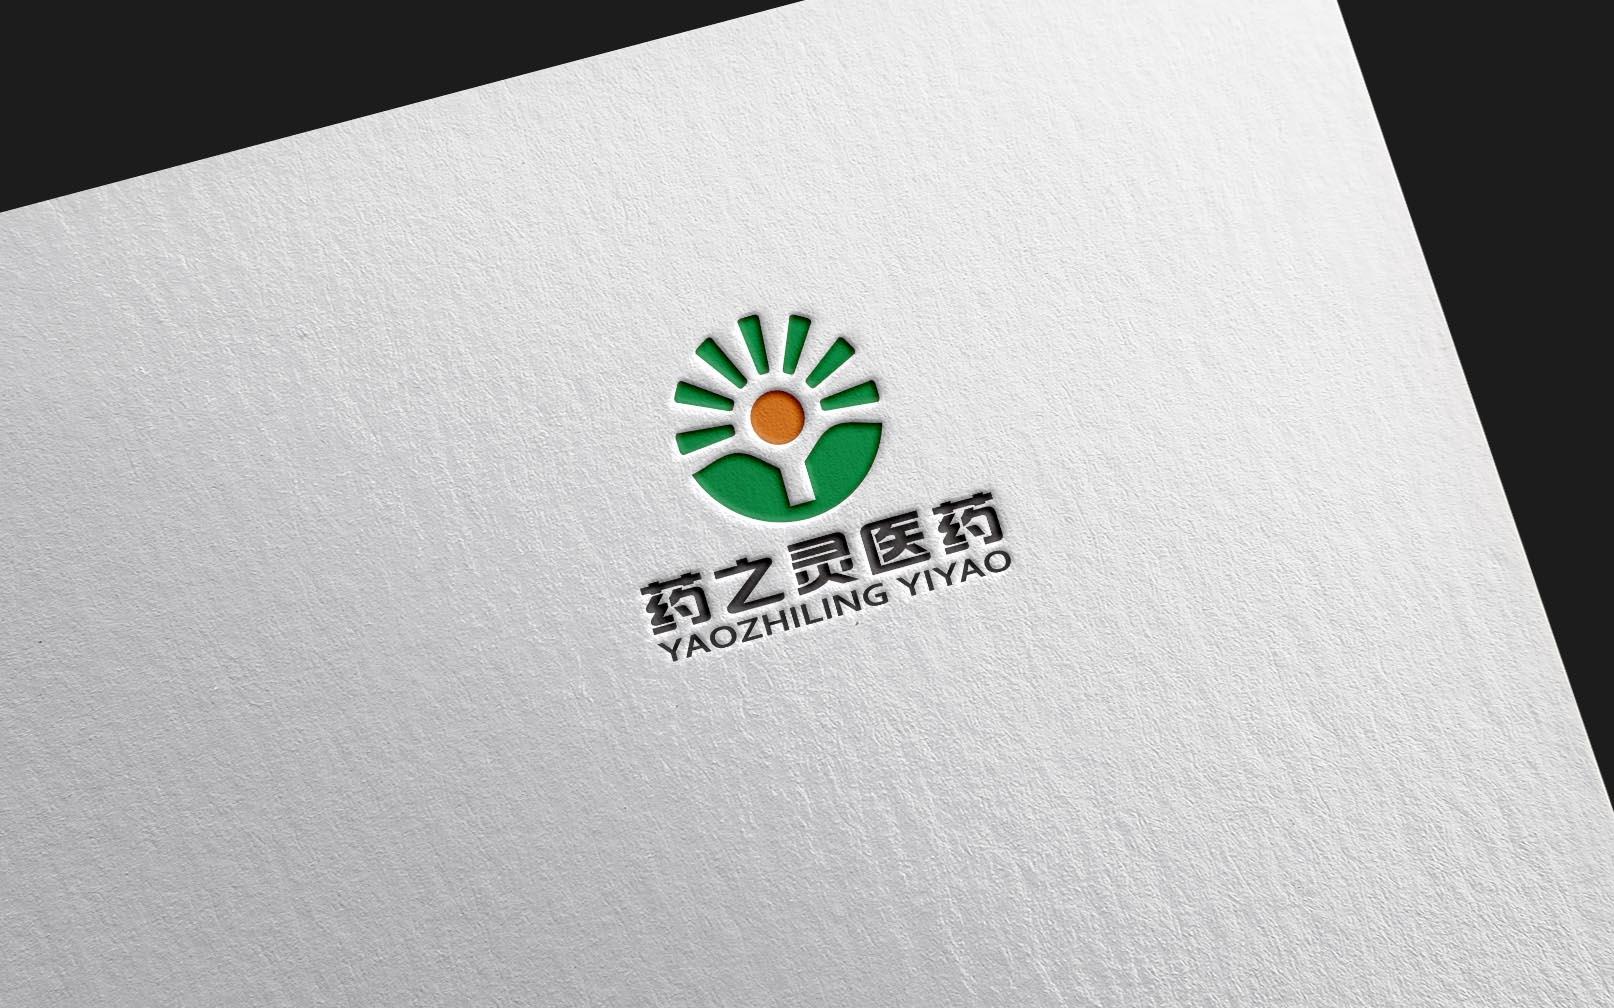 急稿  公司logo 药之灵医药有限公司_3027277_k68威客网